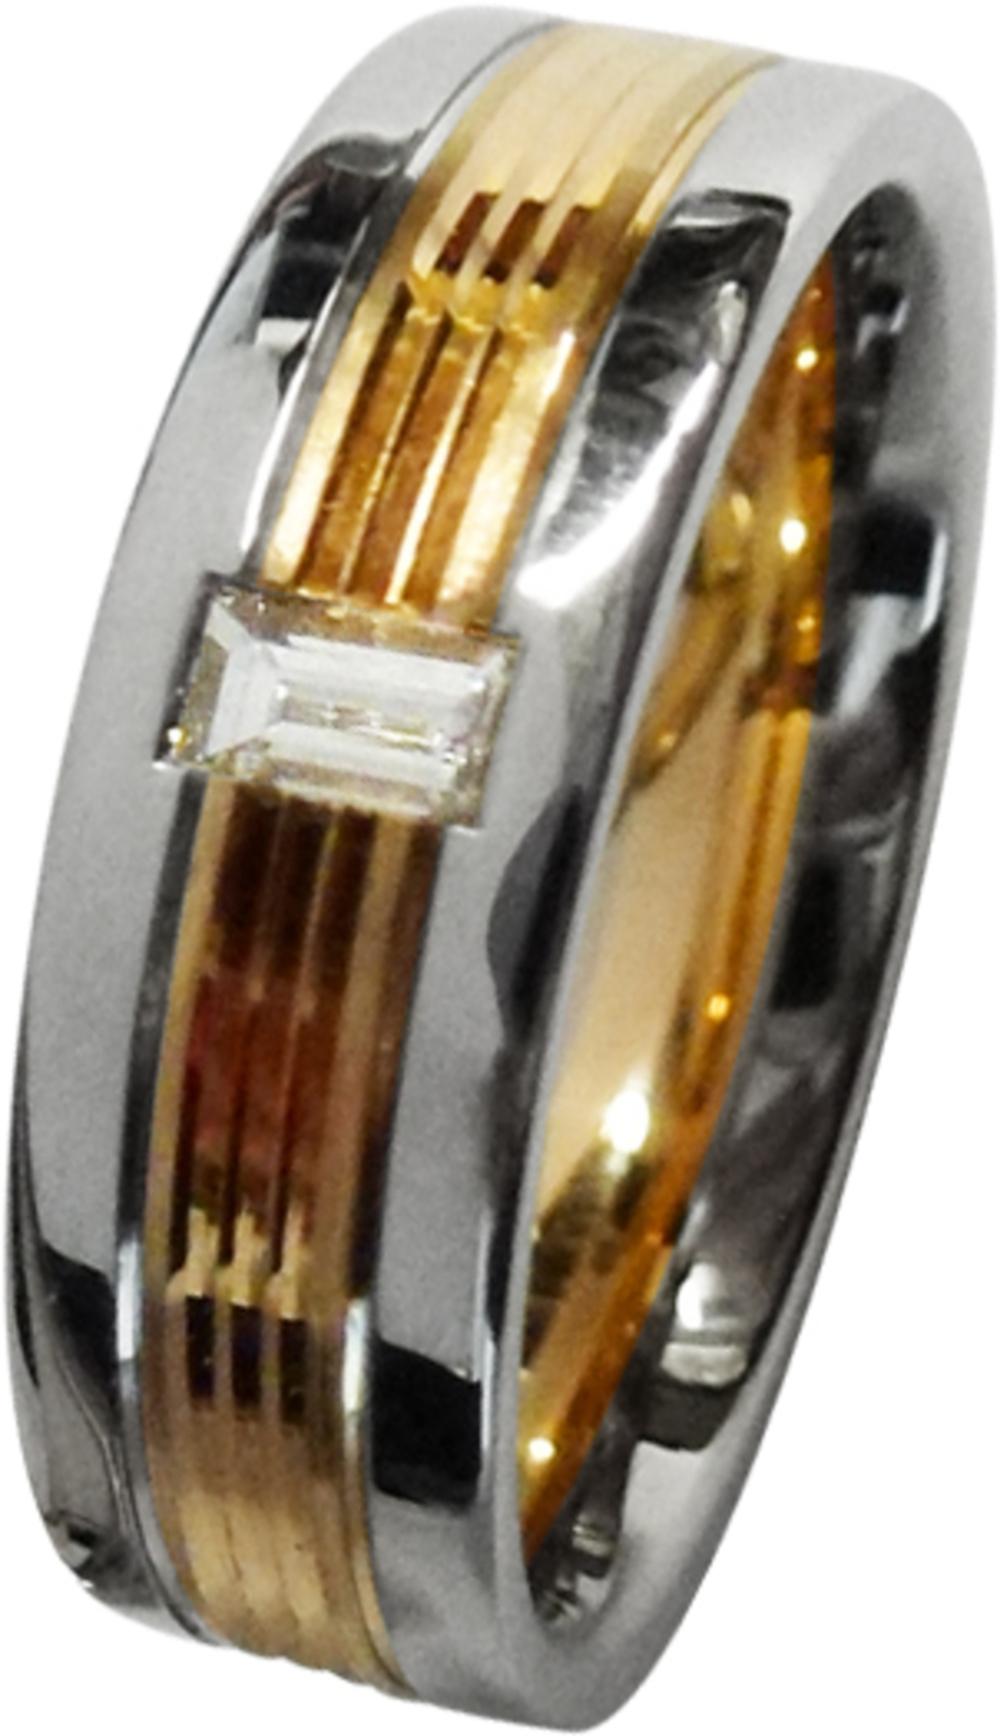 CH.ABRAMOWICZ Trauring/Ehering/Hochzeitring in Platin 600 und Rosegold 585/- mit einem Baguette Diamant 100515900